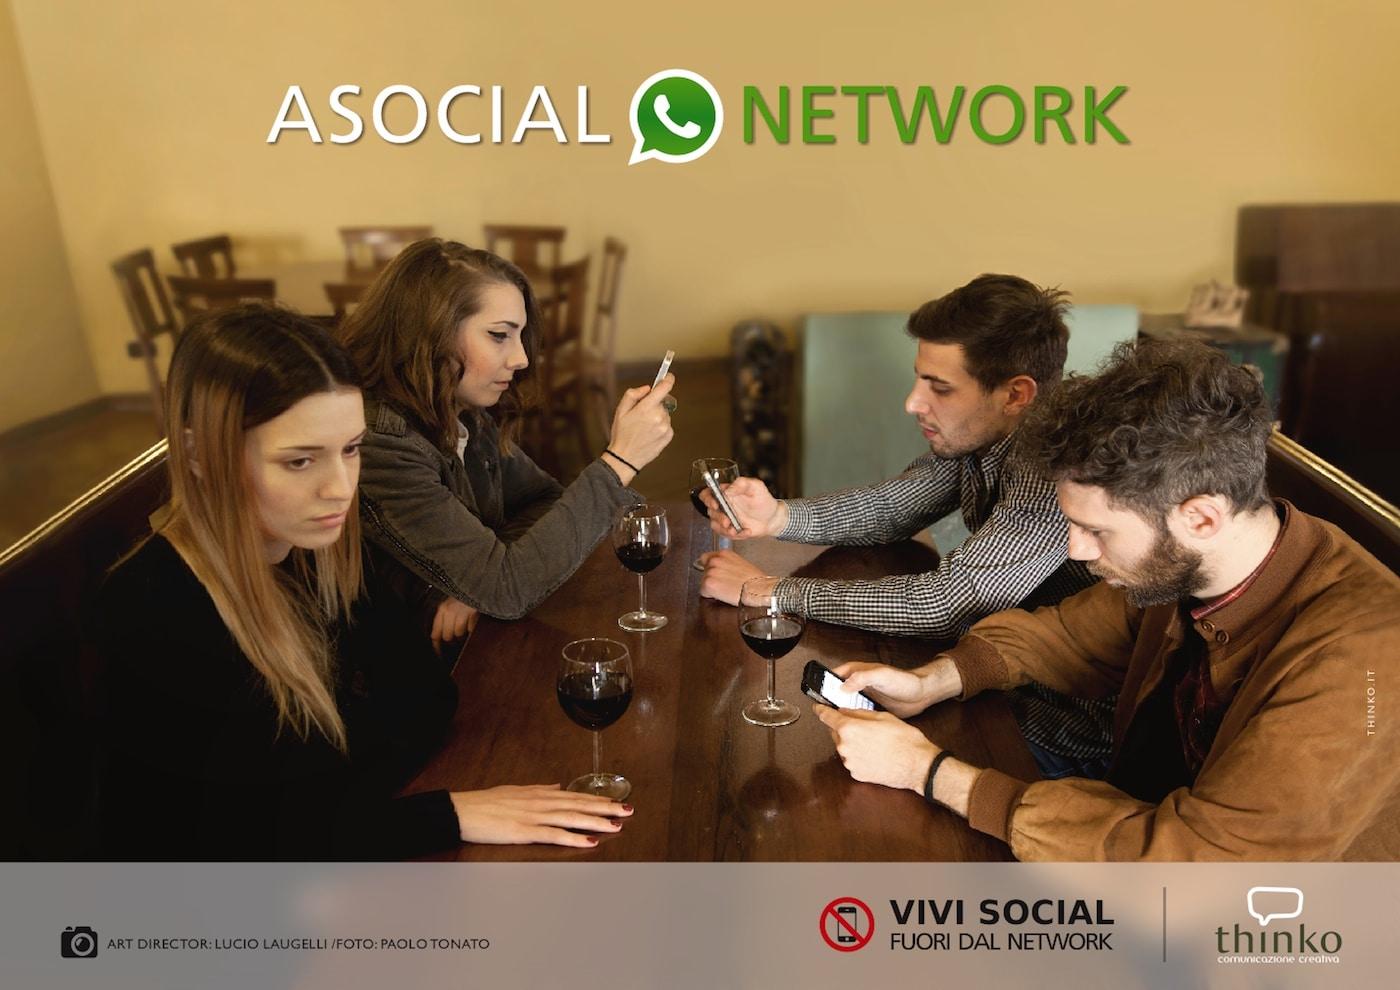 L'uso di smartphone a cena, al bar con gli amici